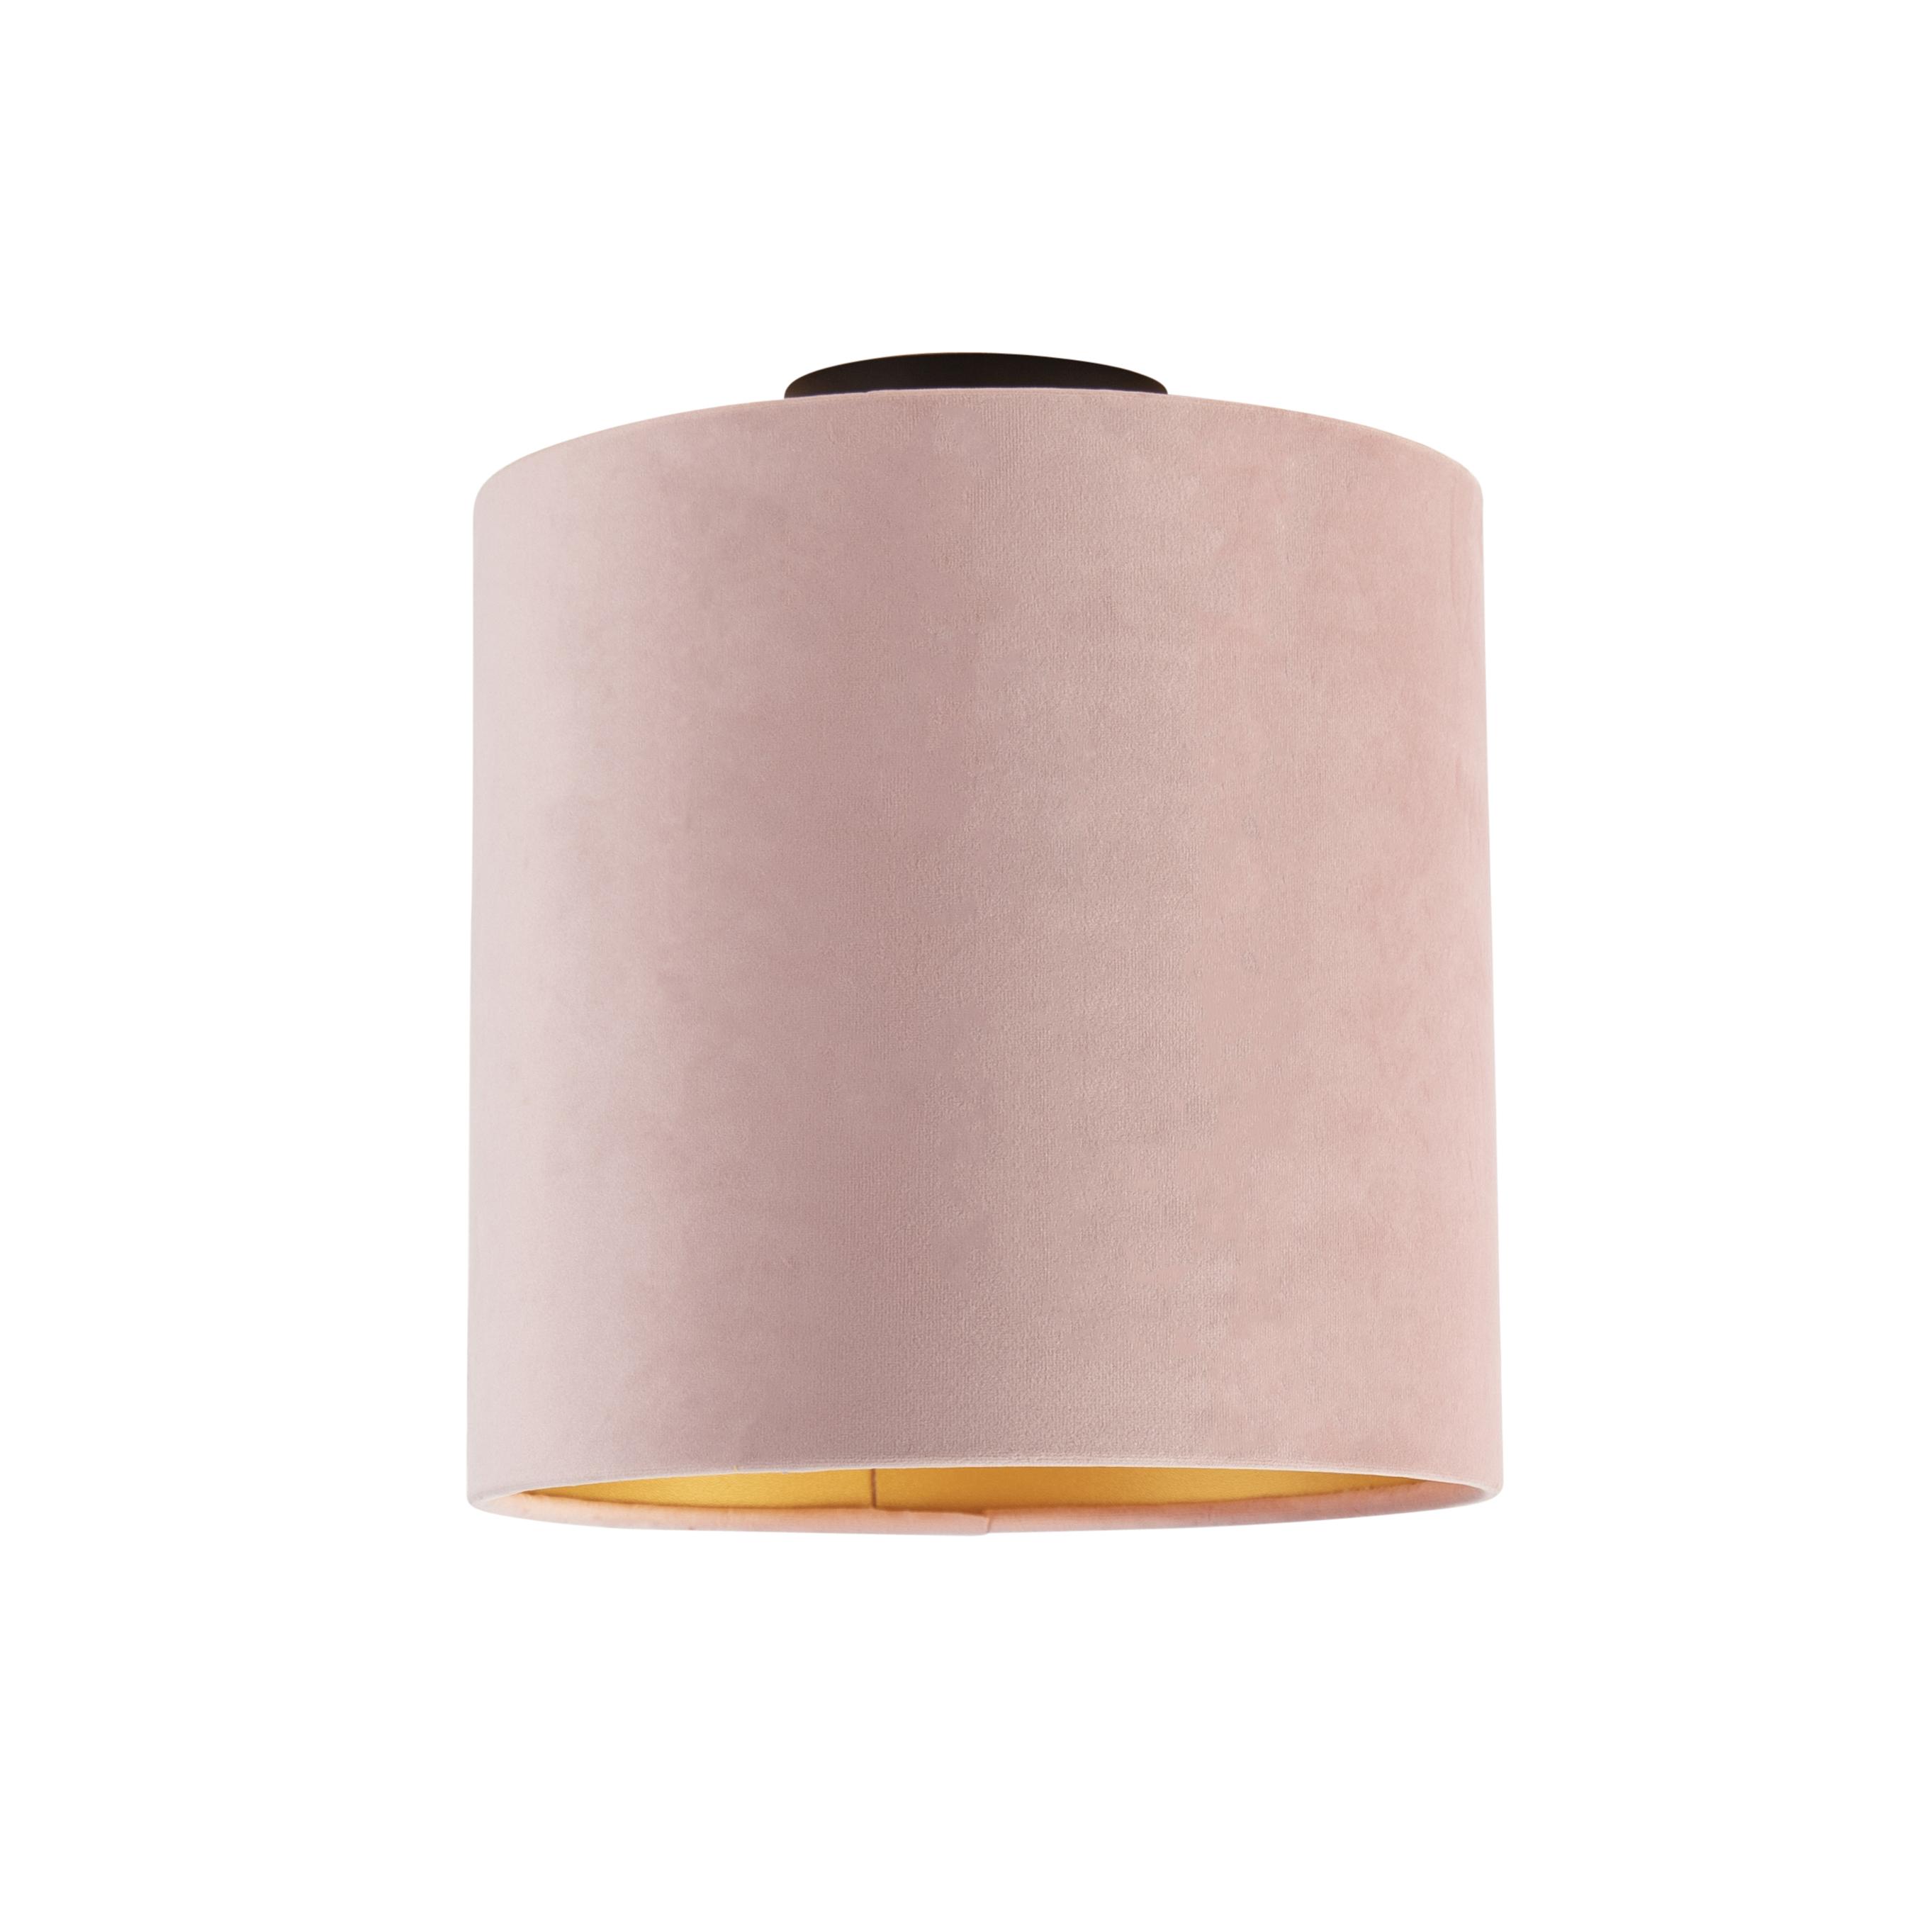 Plafondlamp met velours kap oud roze met goud 25 cm - Combi zwart